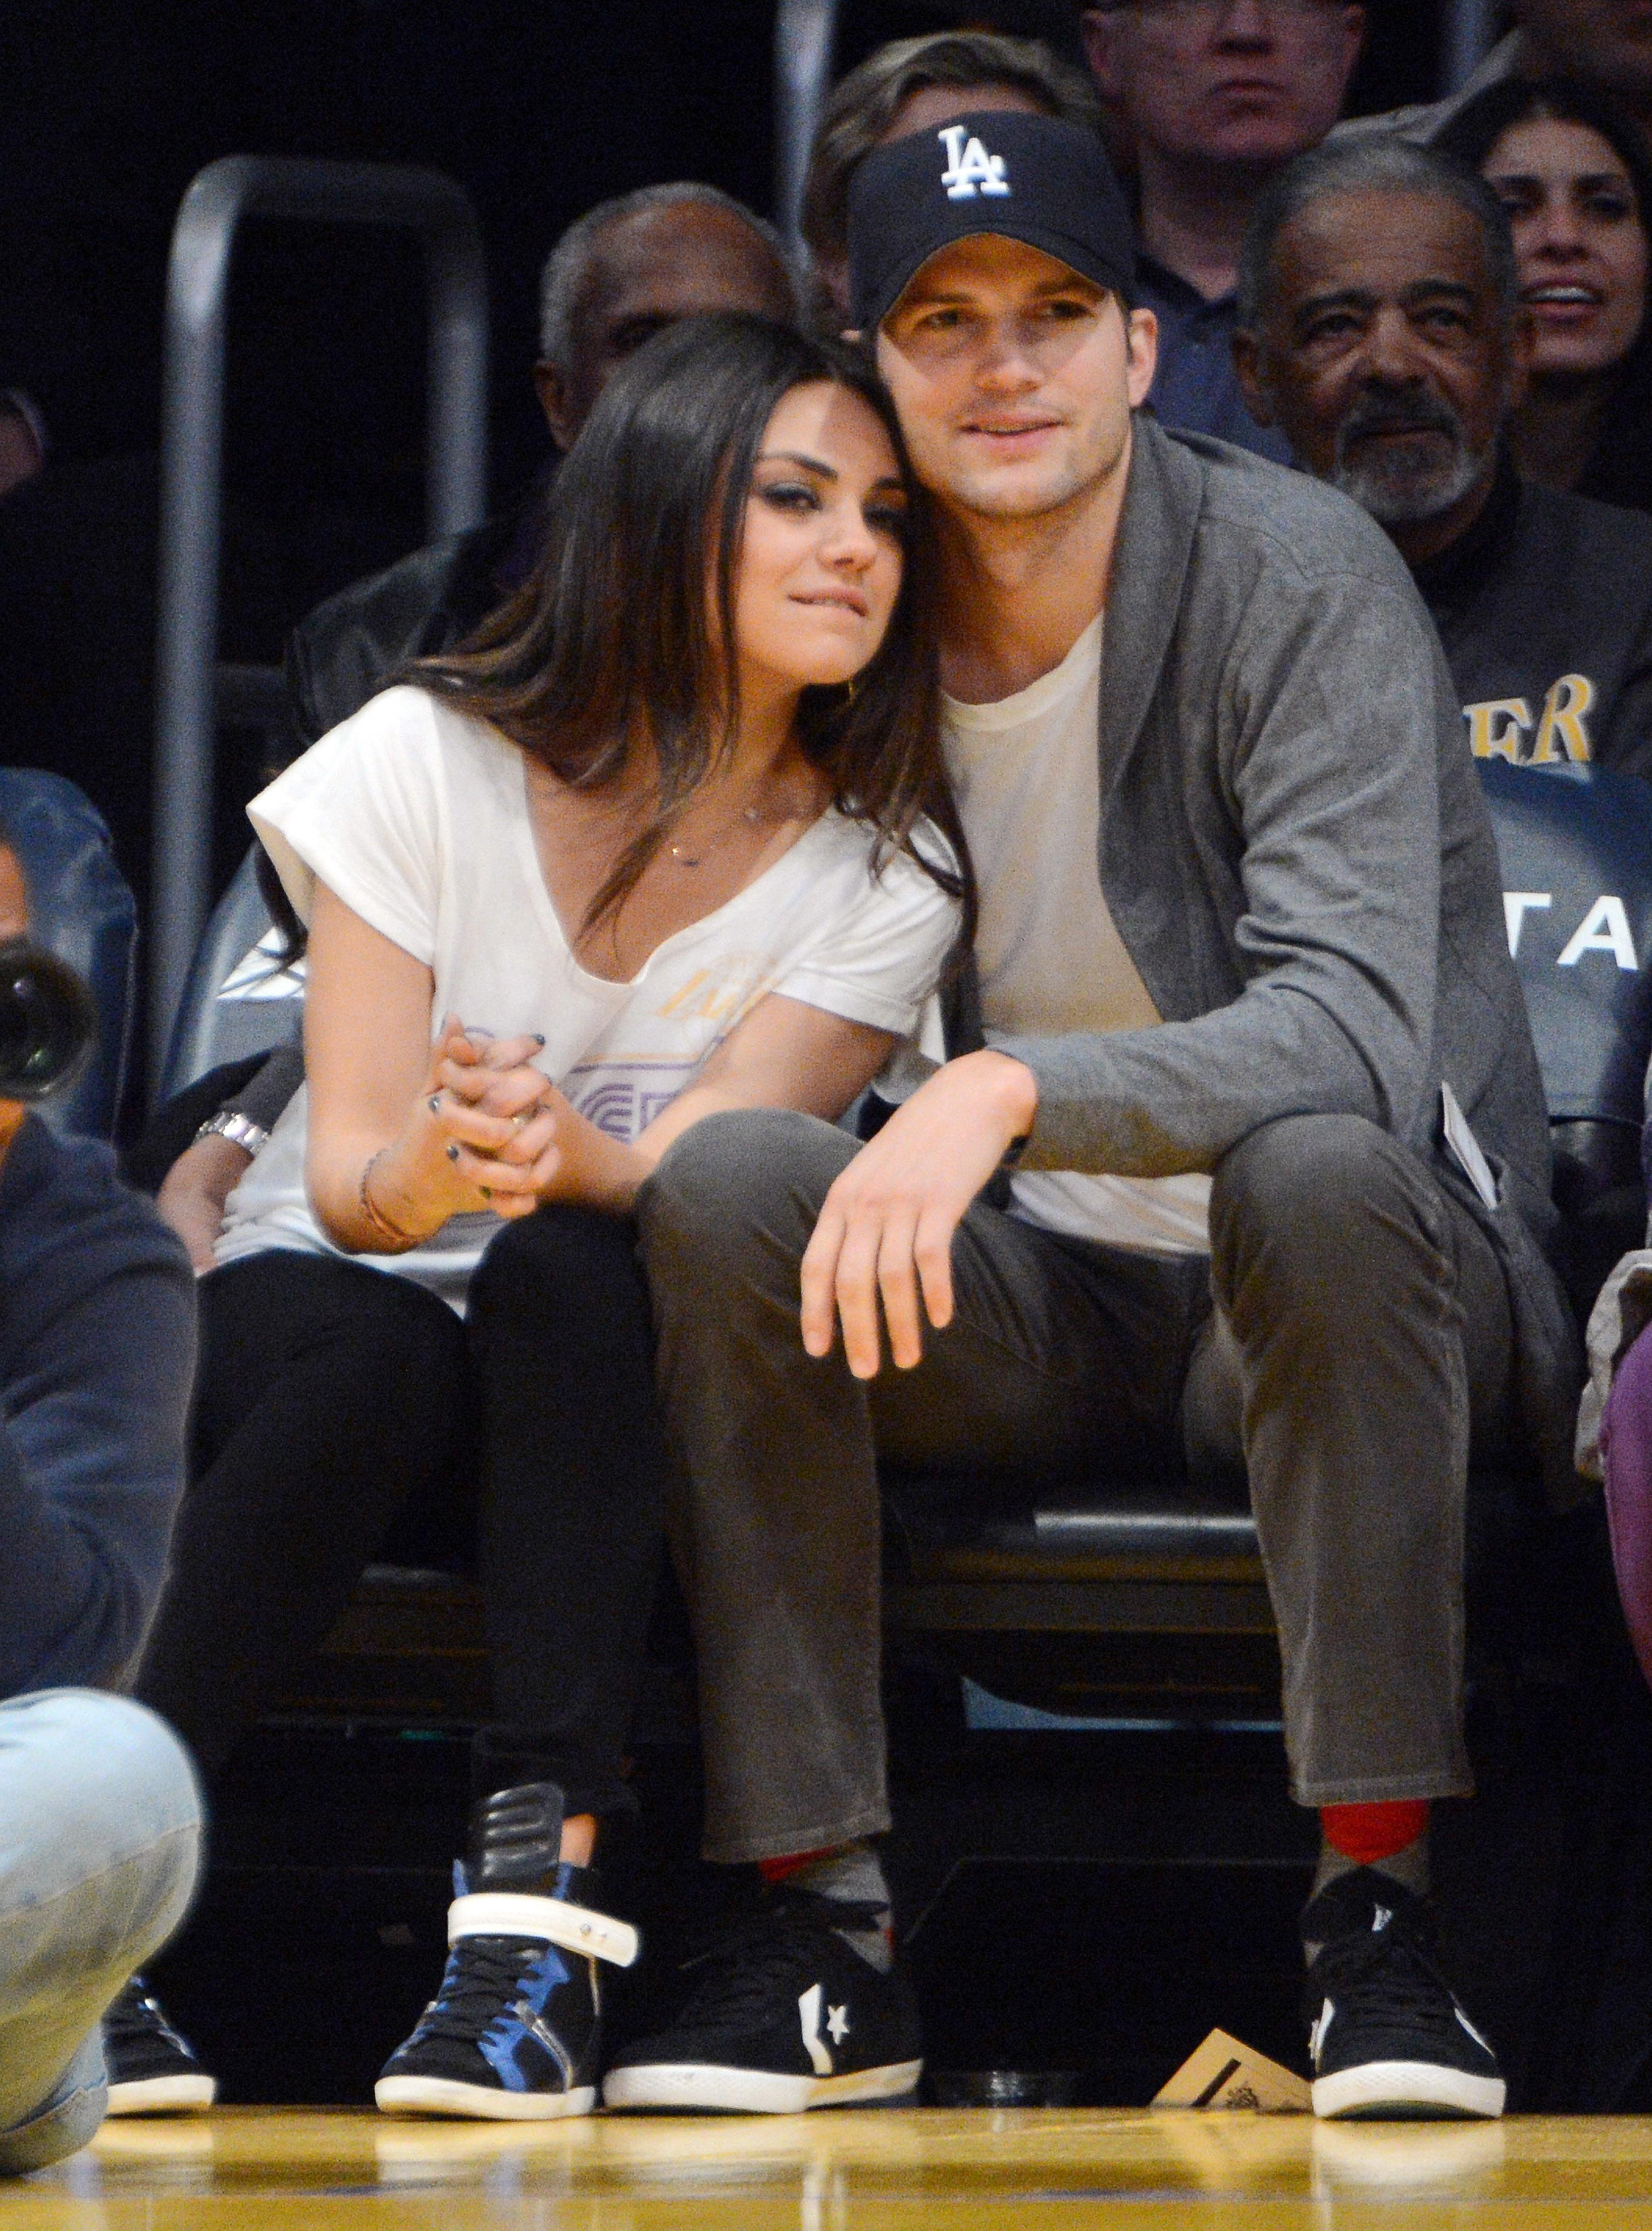 Mila Kunis og Ashton Kutcher dating 2013 over 40 Dating Sites Australia